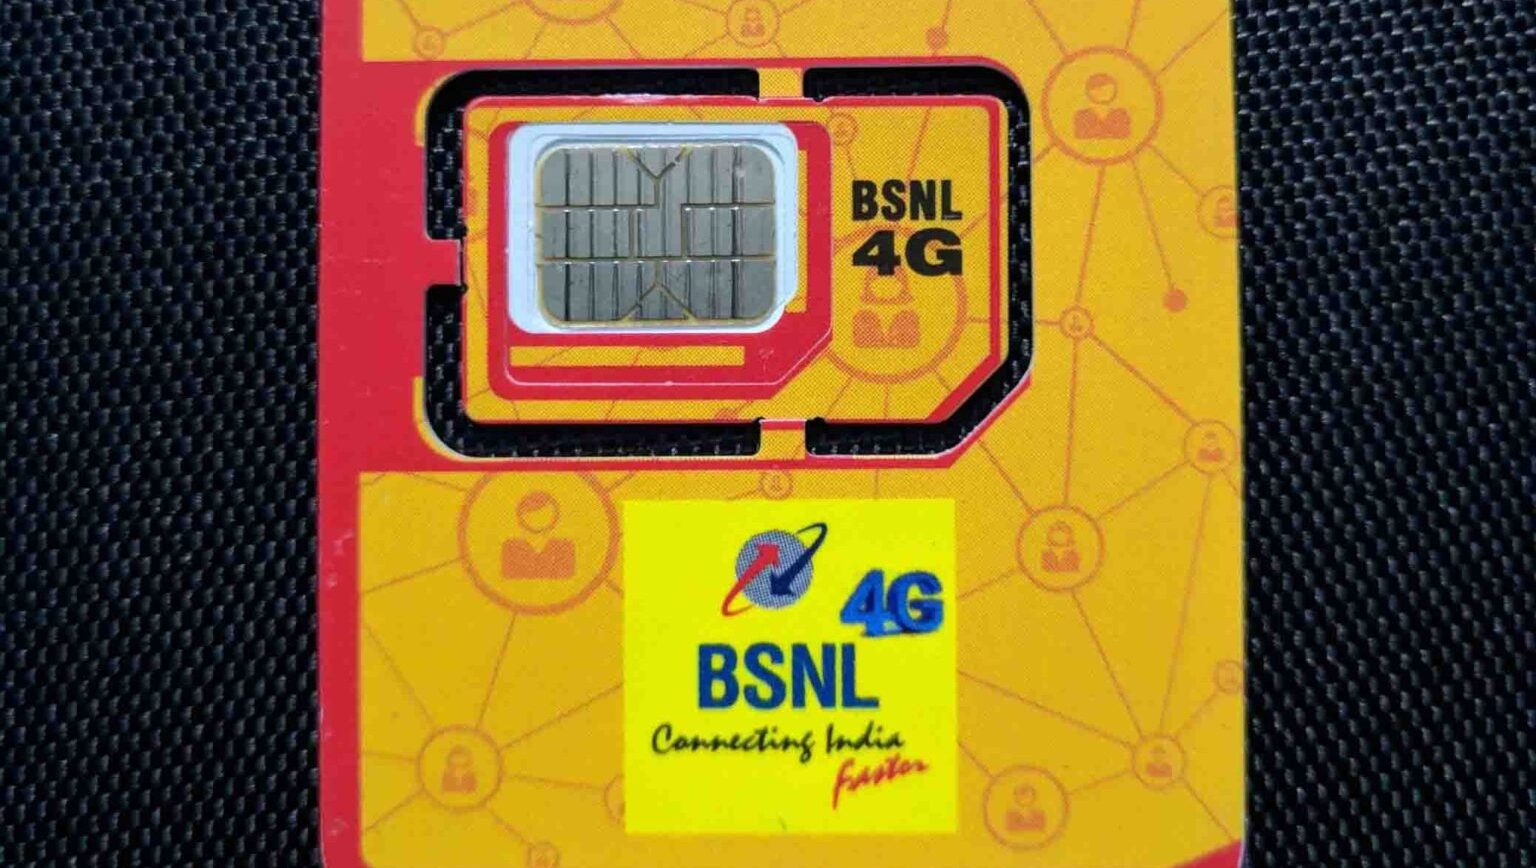 BSNL 4G SIM 1